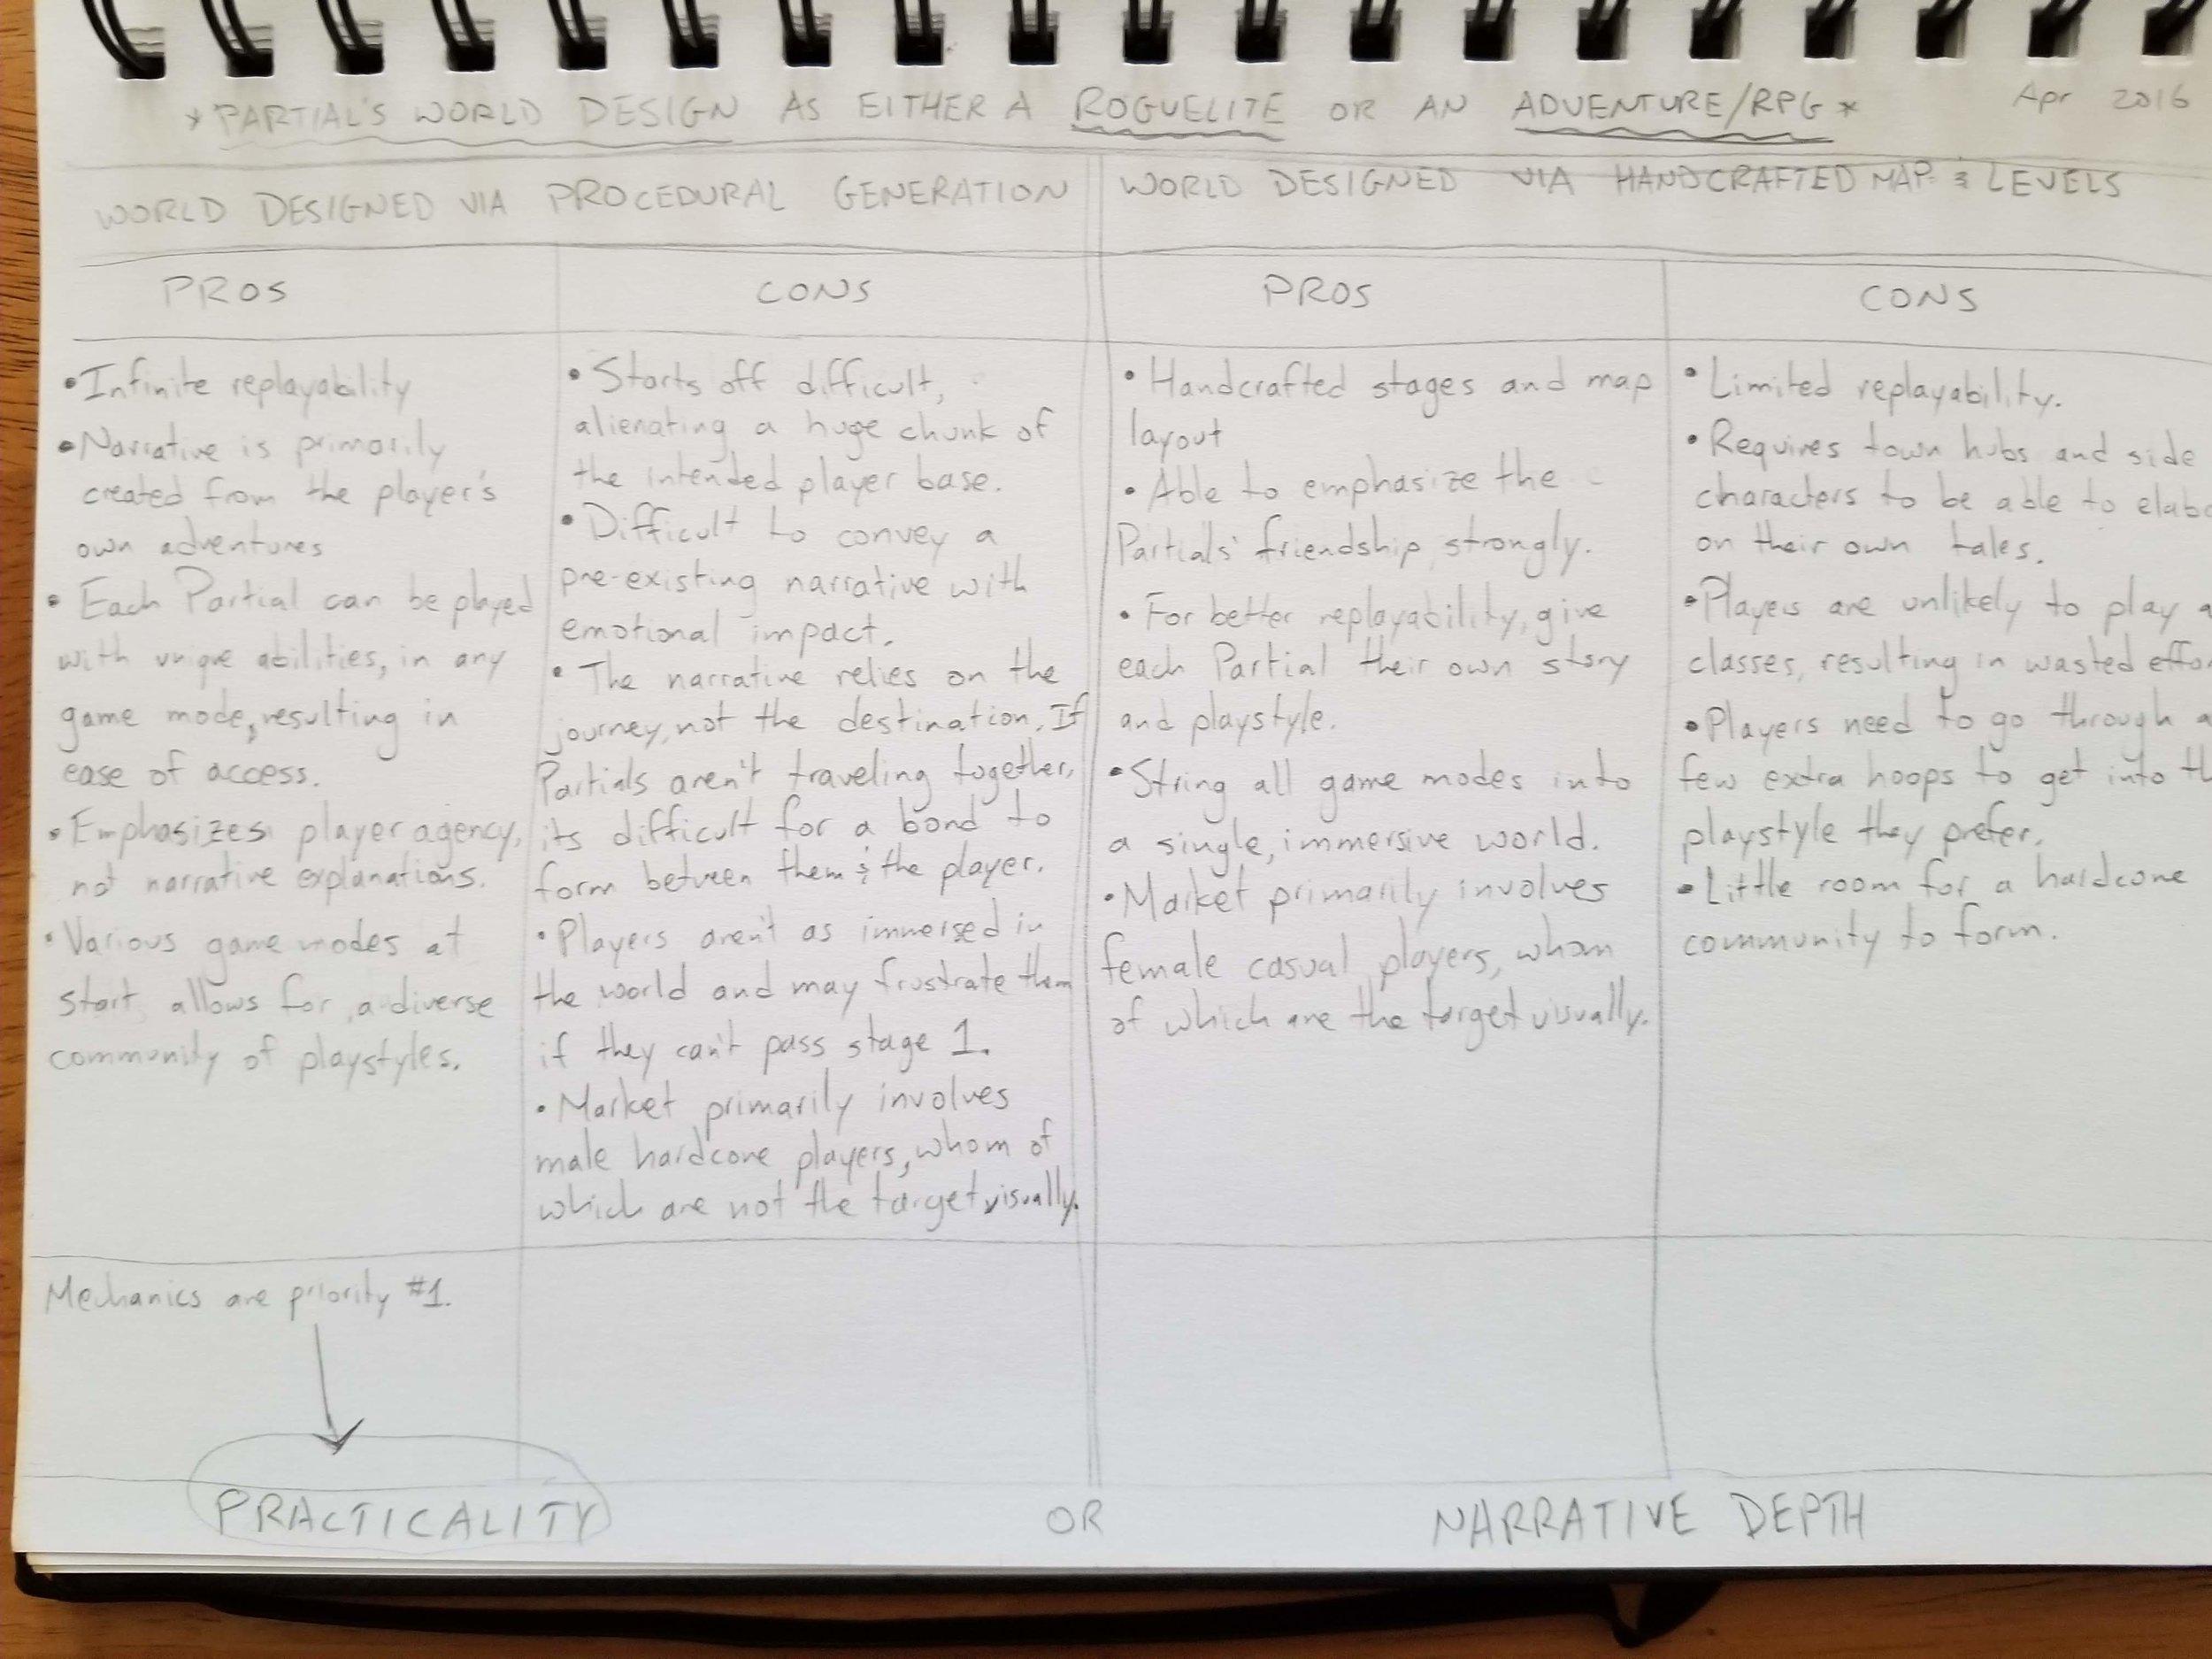 partial_notes_design2.jpg